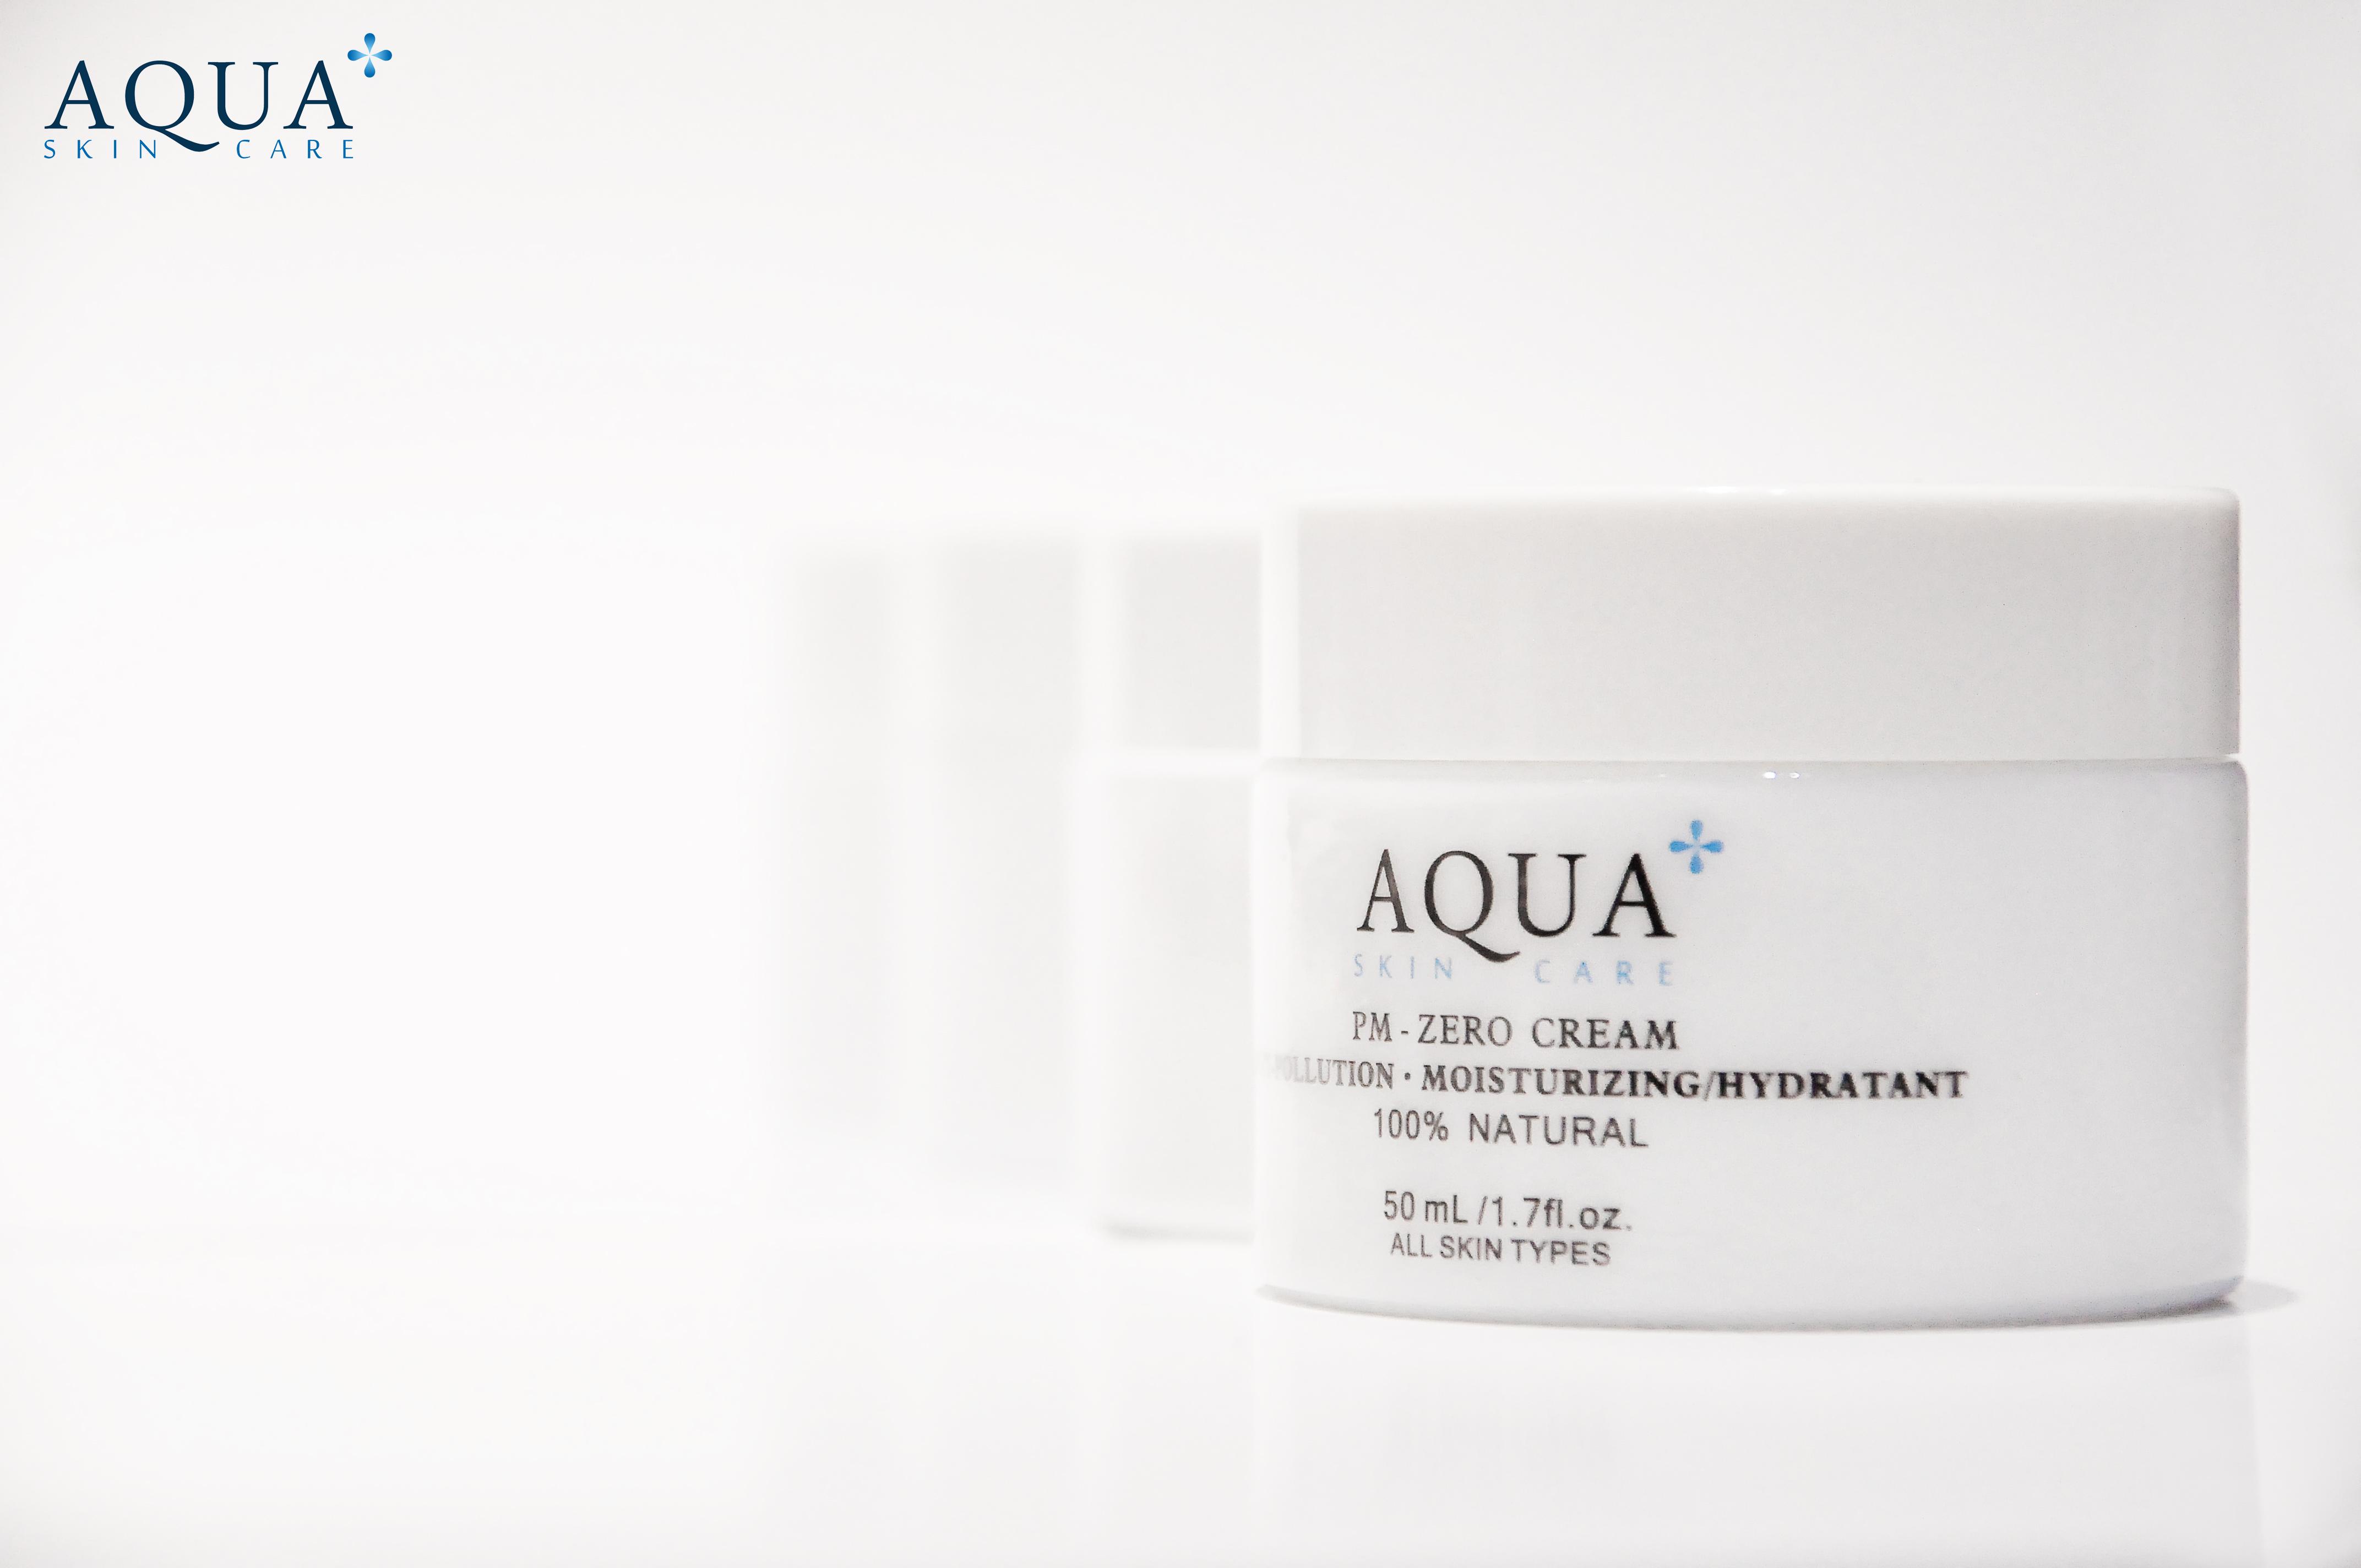 Aqua+ Skincare Moisturizer Sample